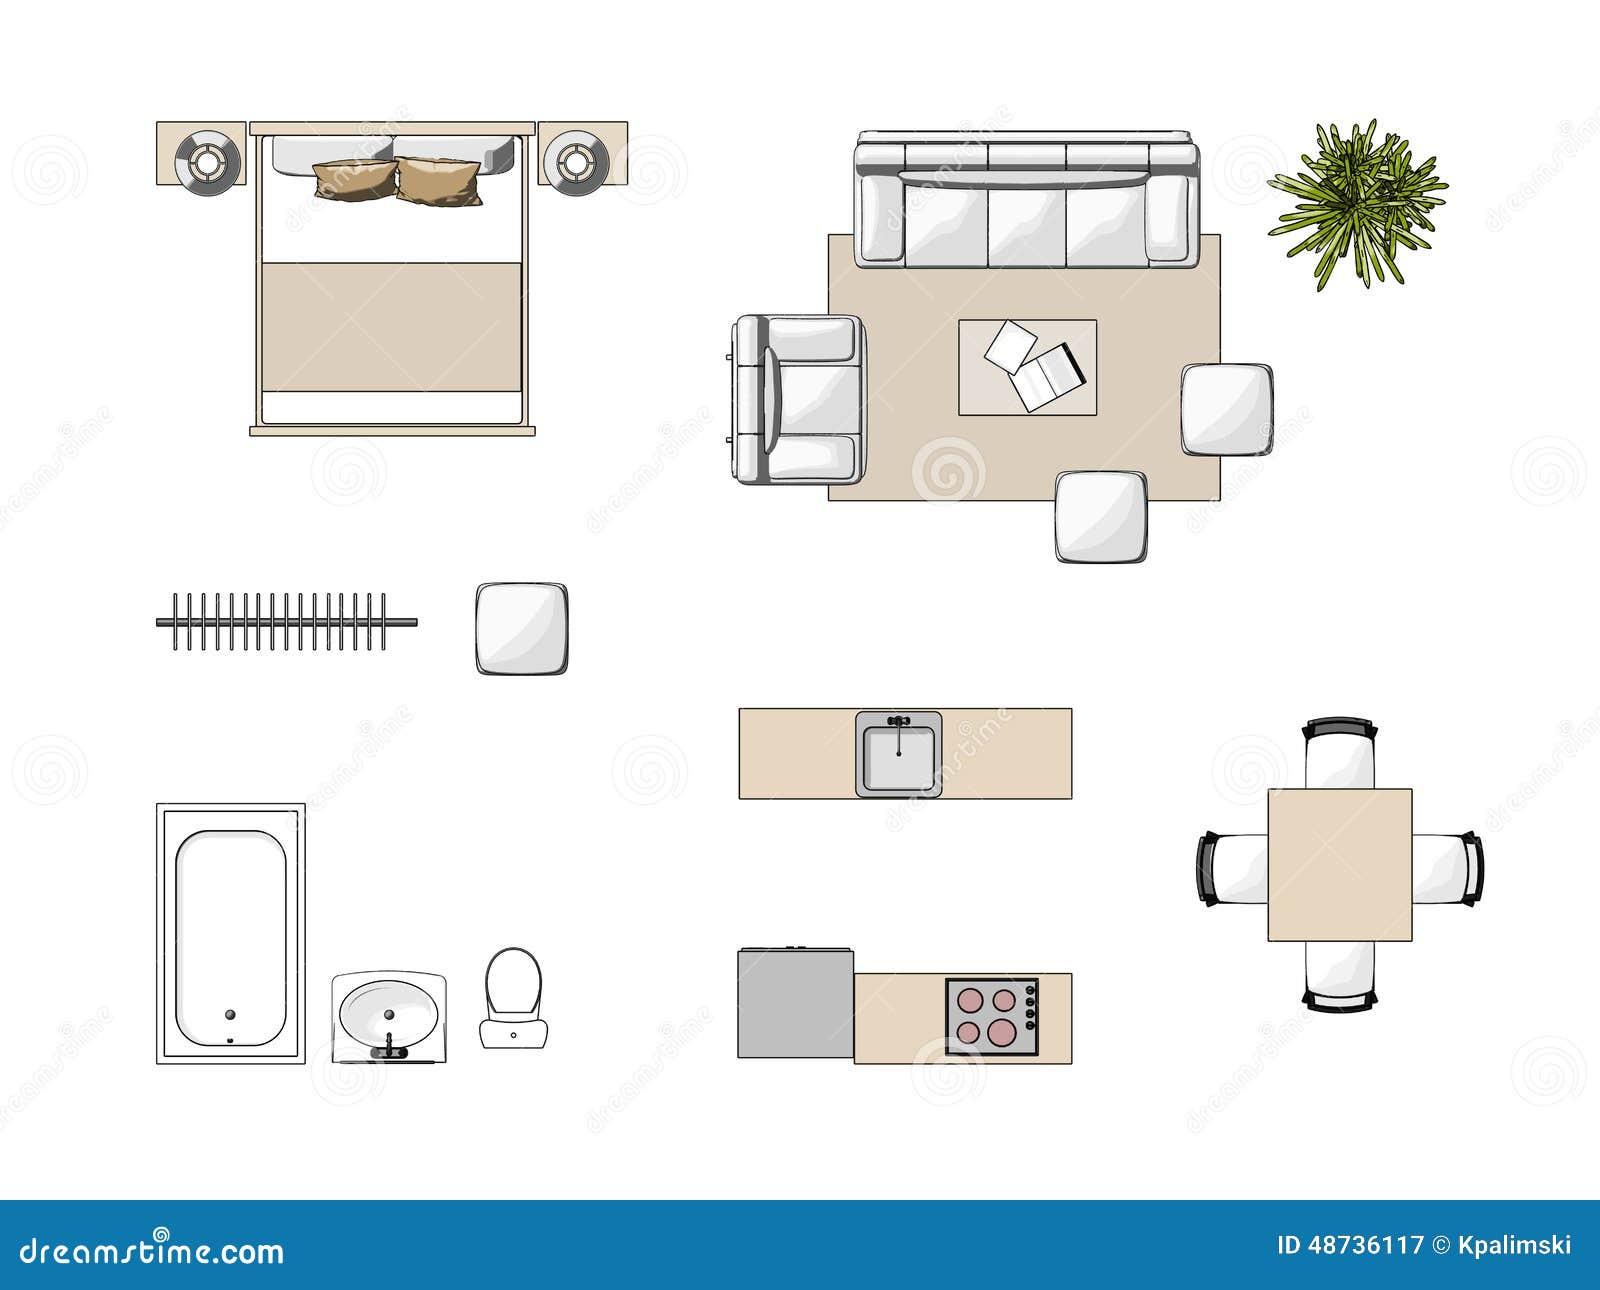 Draufsicht der m bel stock abbildung bild von wanne for Draw a bedroom layout online